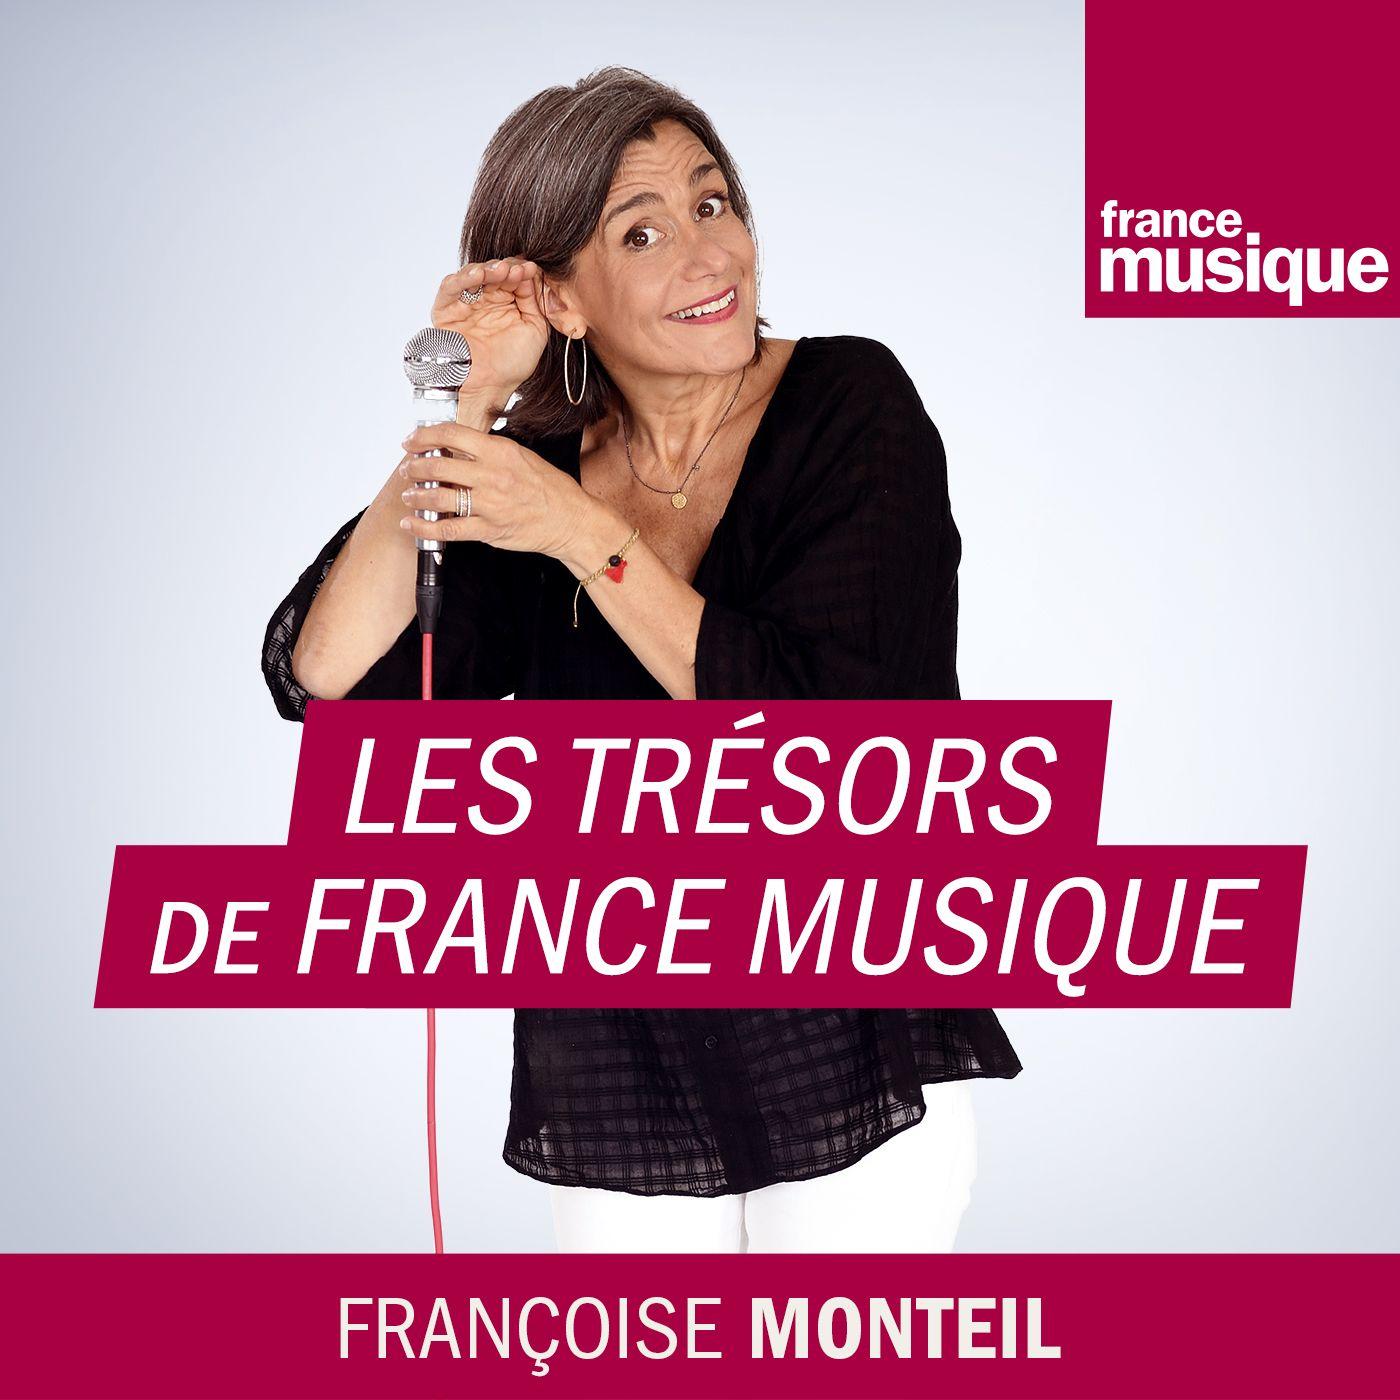 Image 1: Les Tresors de France Musique